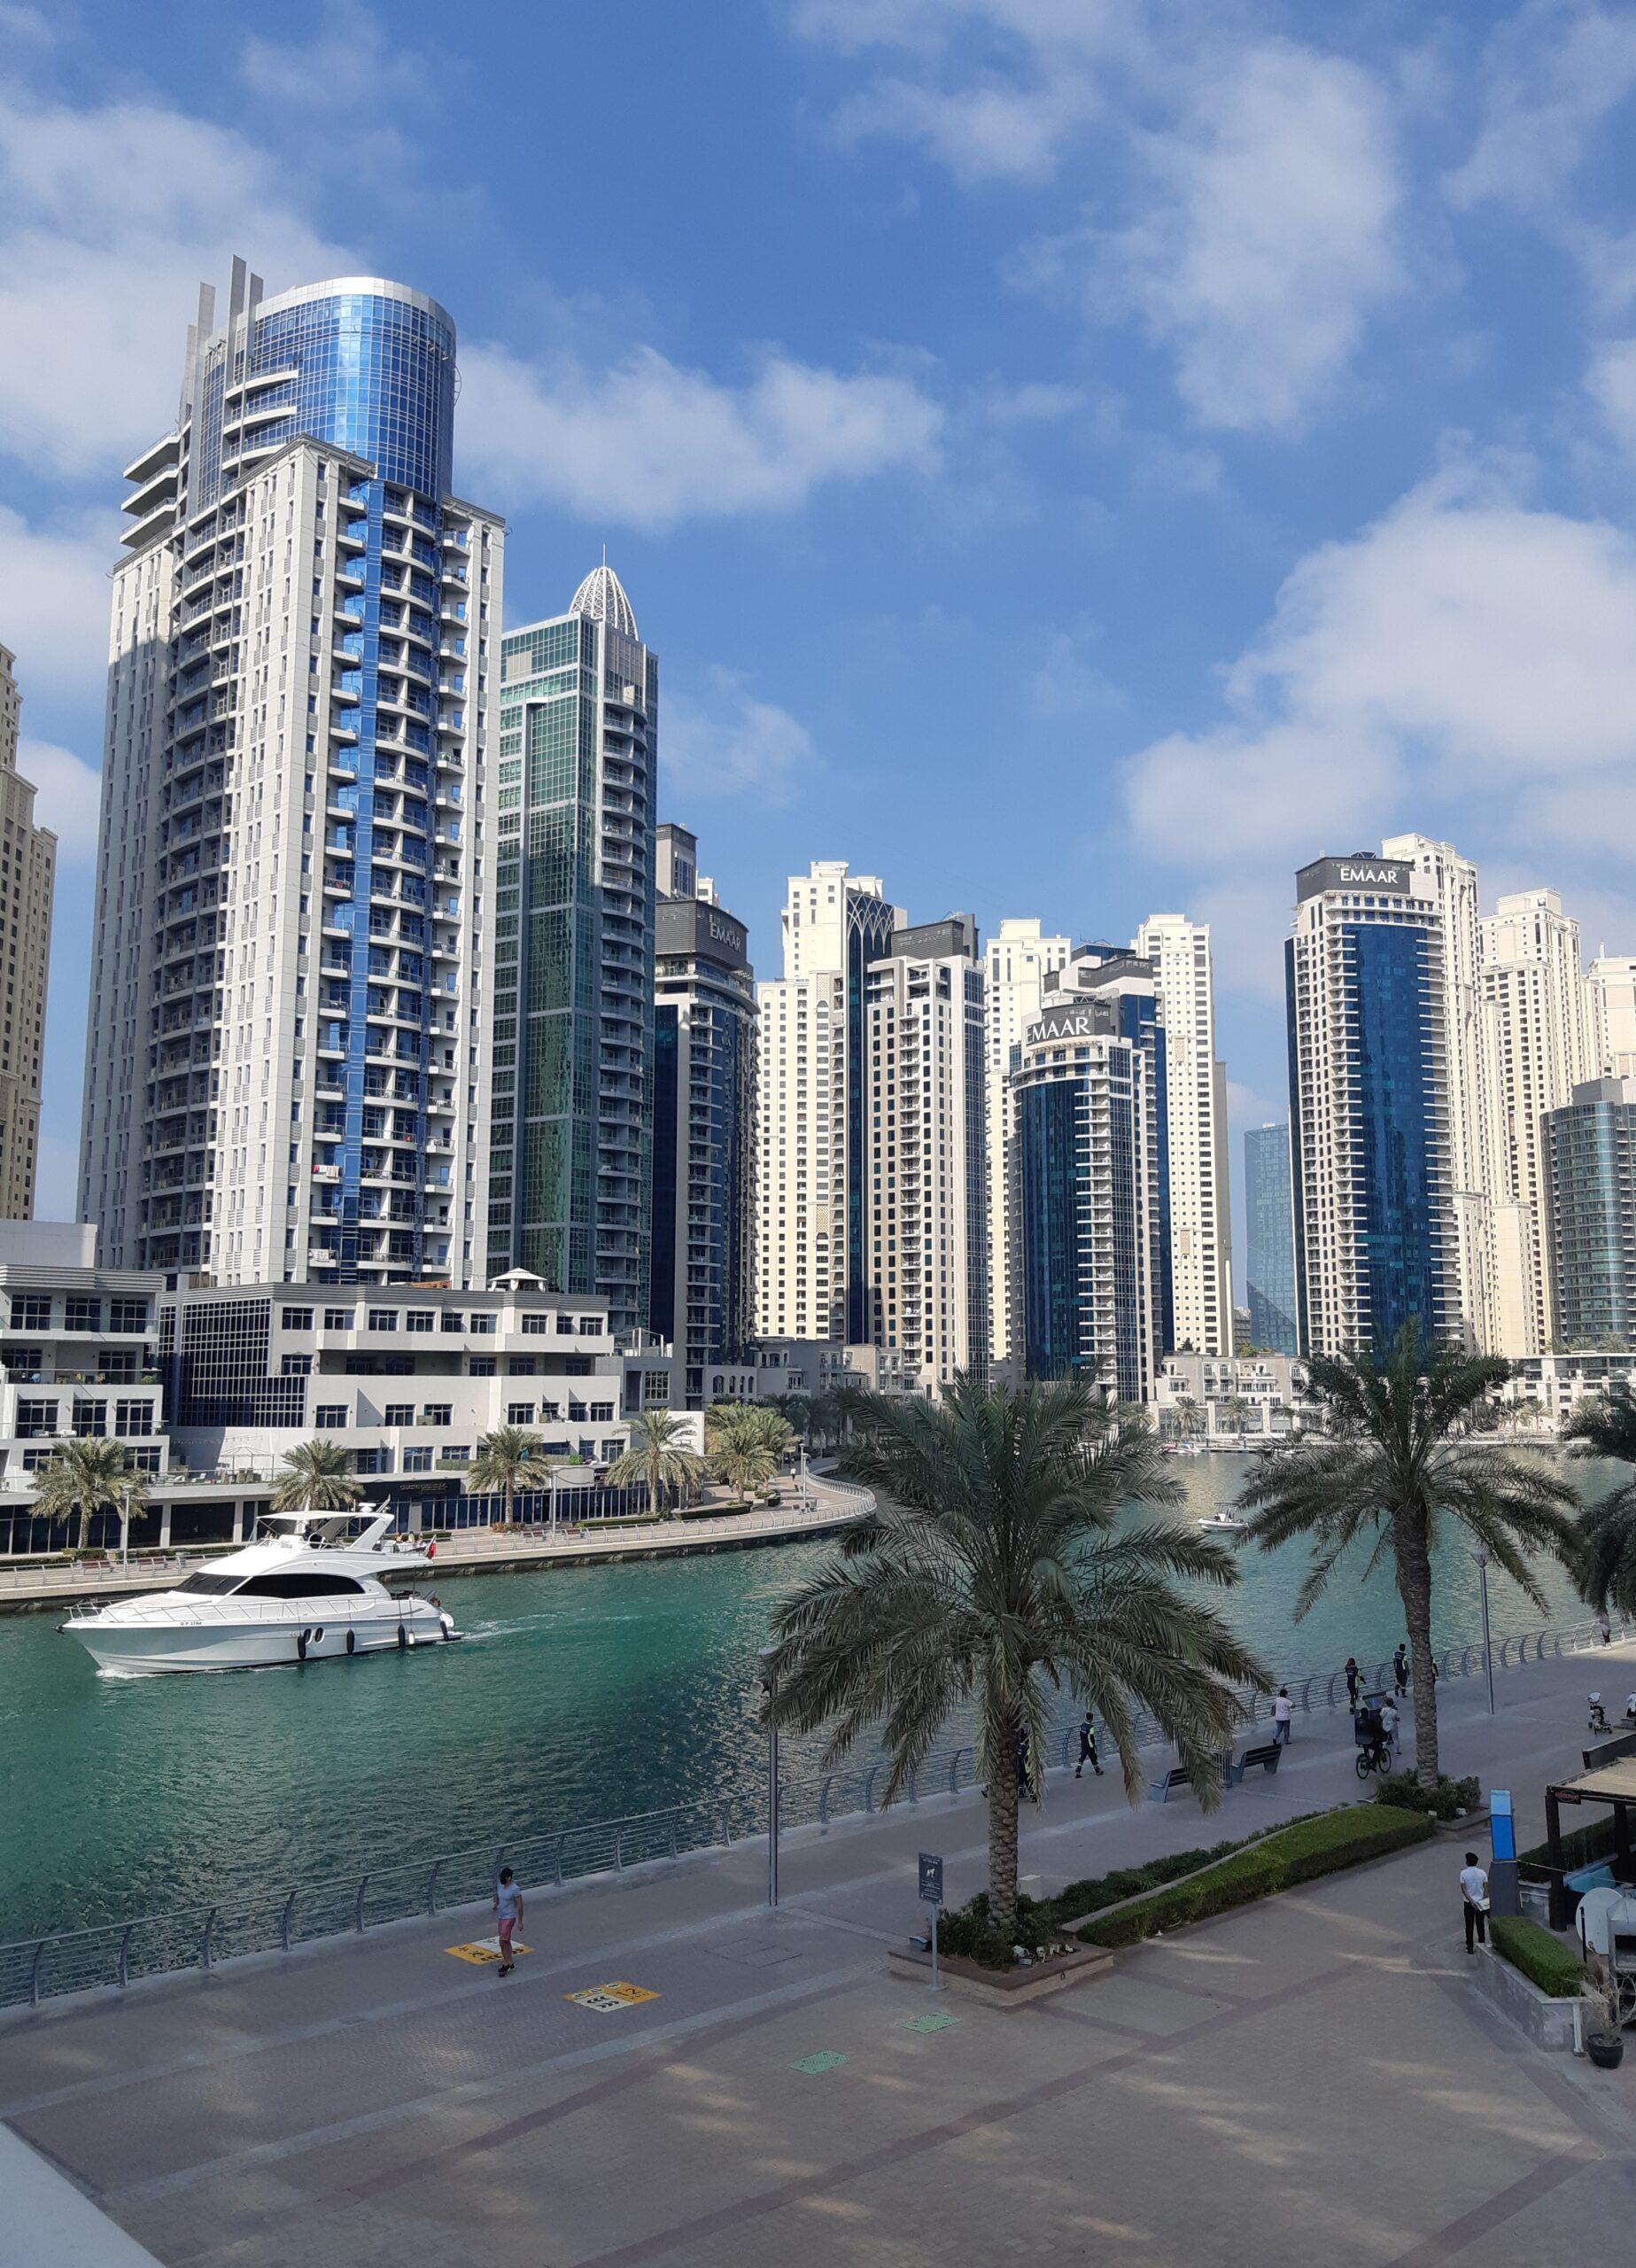 Одна из яхт в Дубай Марина